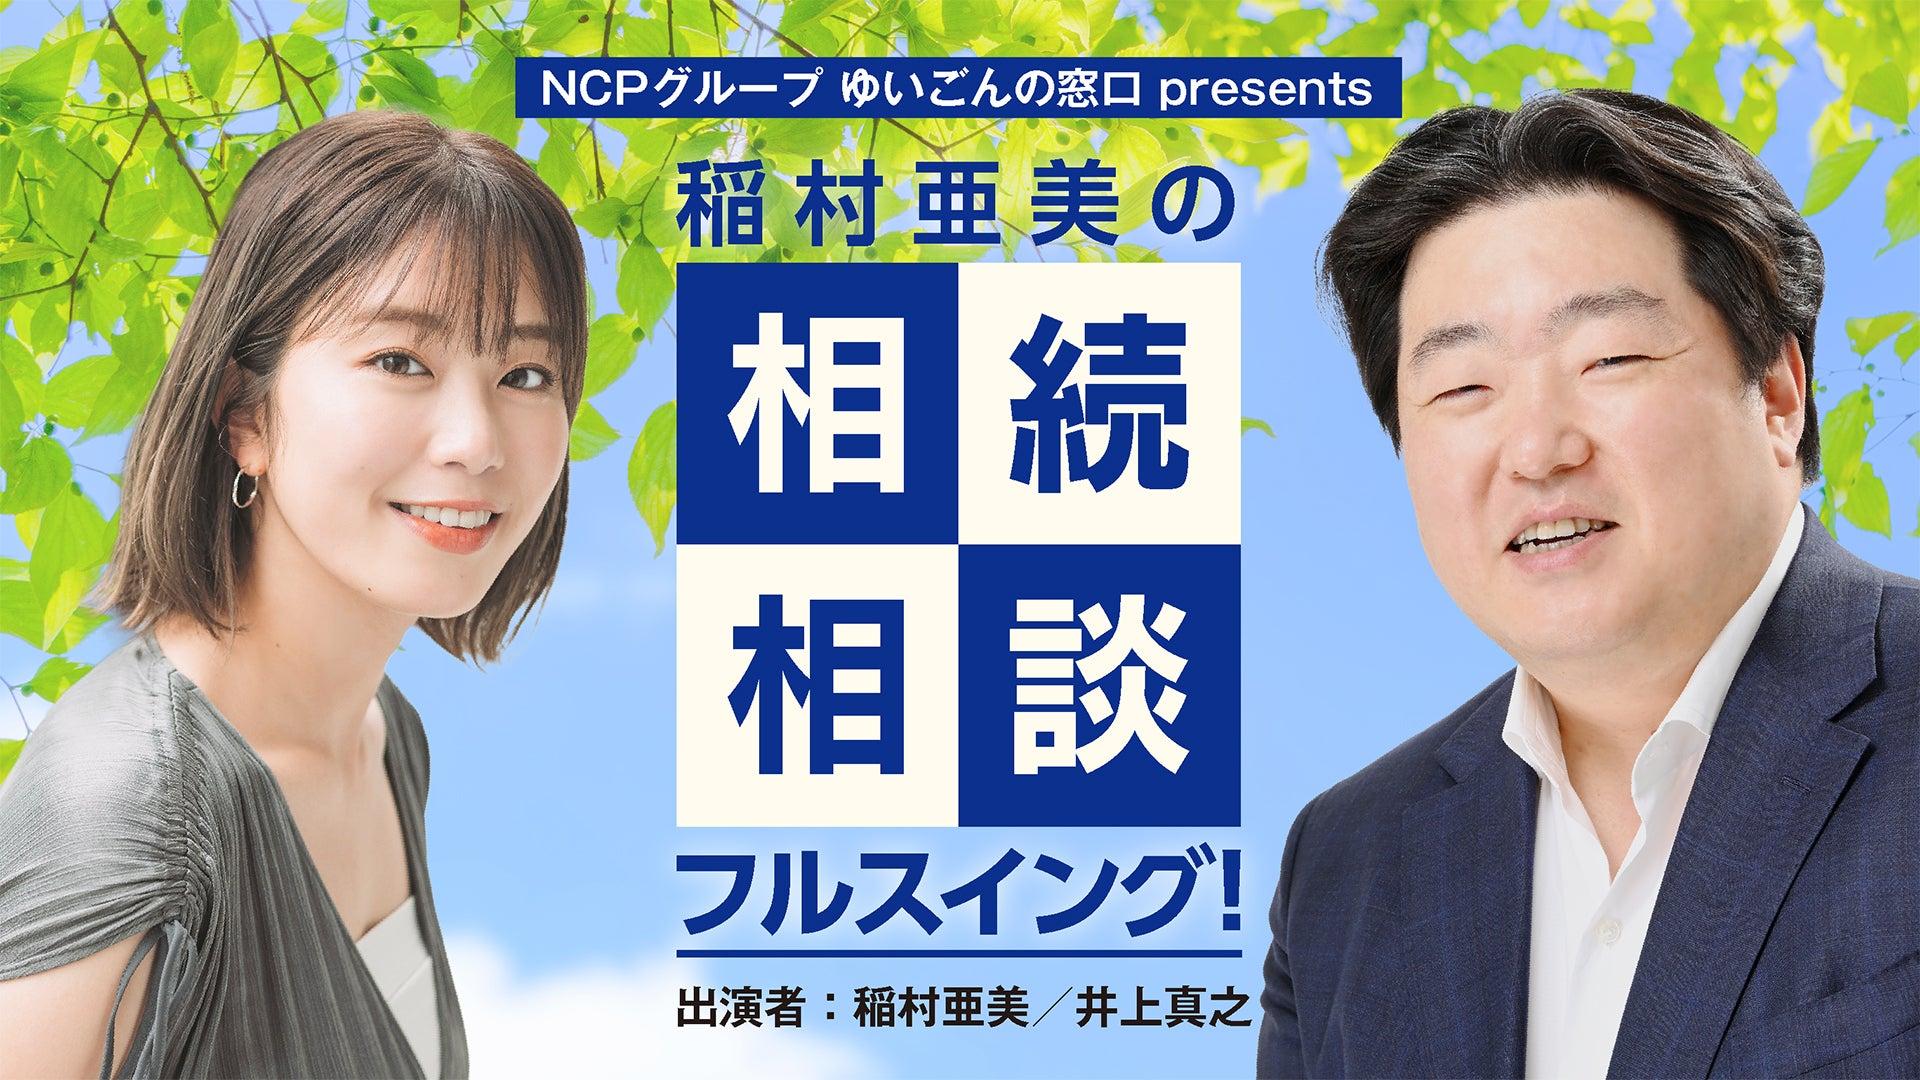 NCPグループ ゆいごんの窓口 presents 枡田絵理奈の相続いろいろ相談サロン